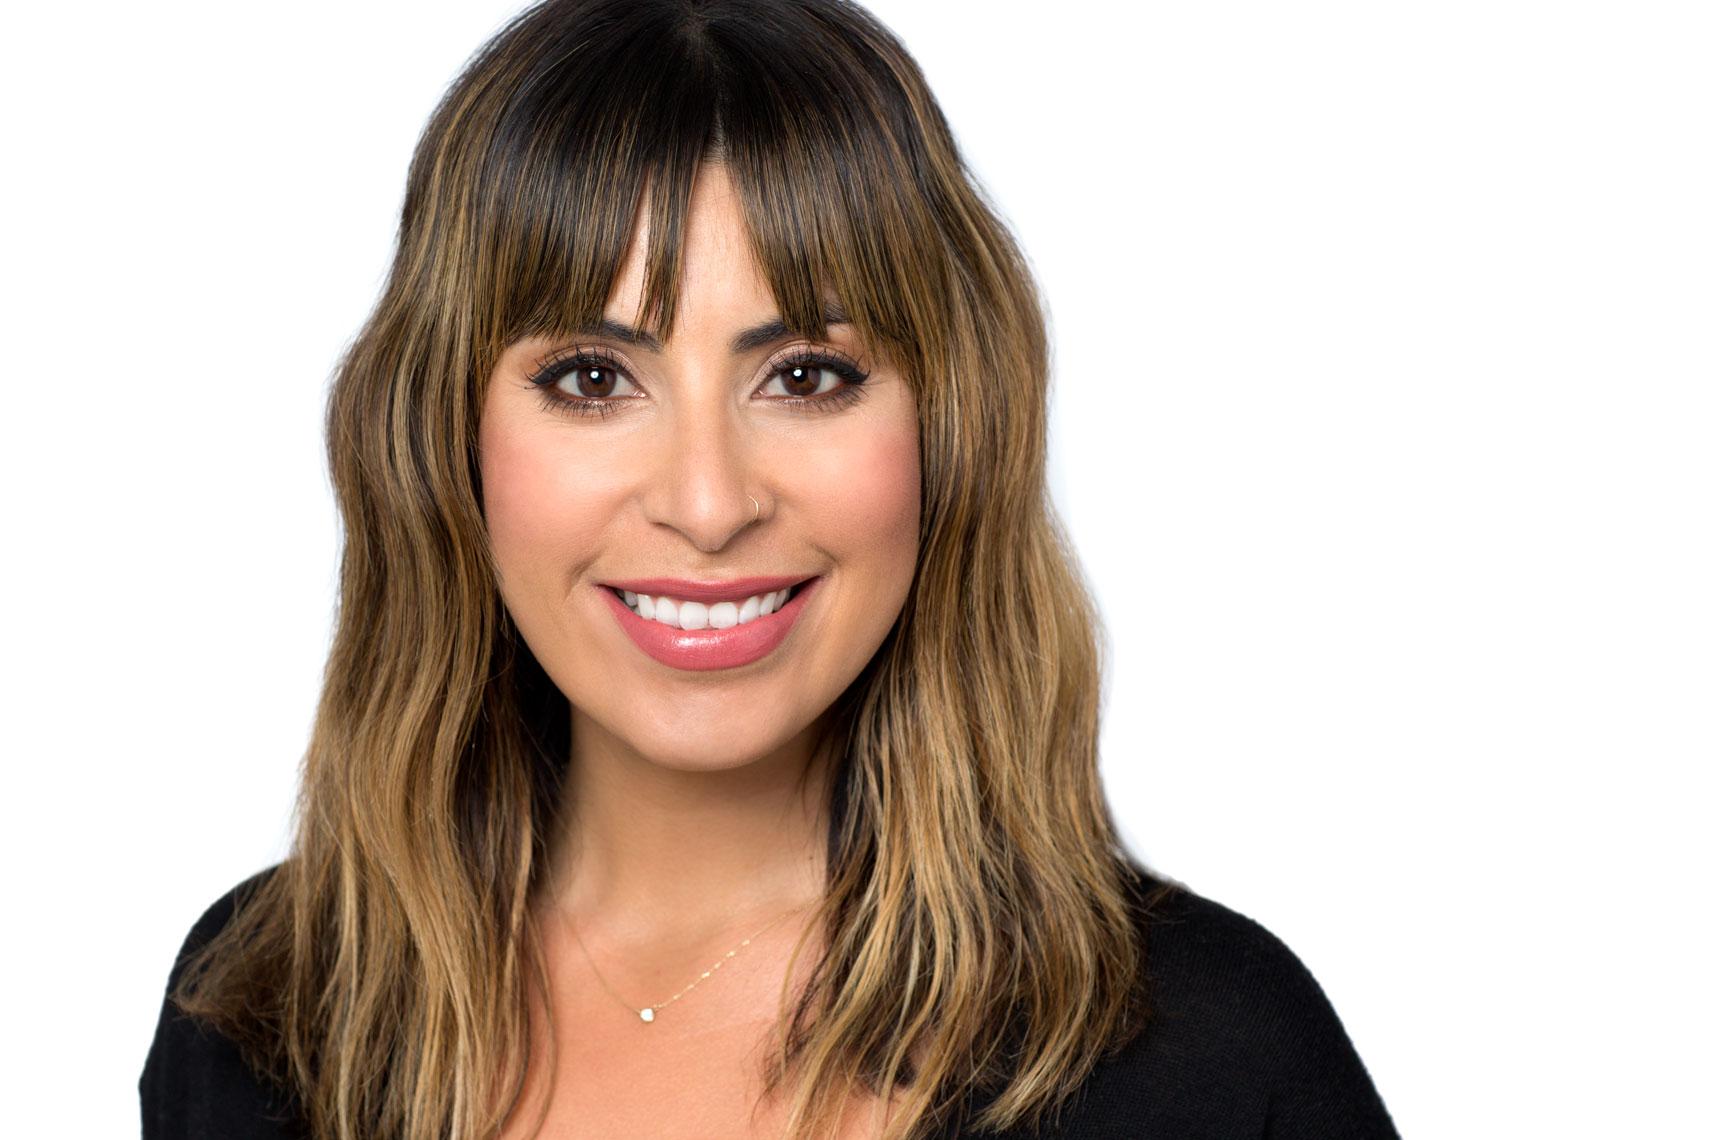 Andrea Ortega Costigan